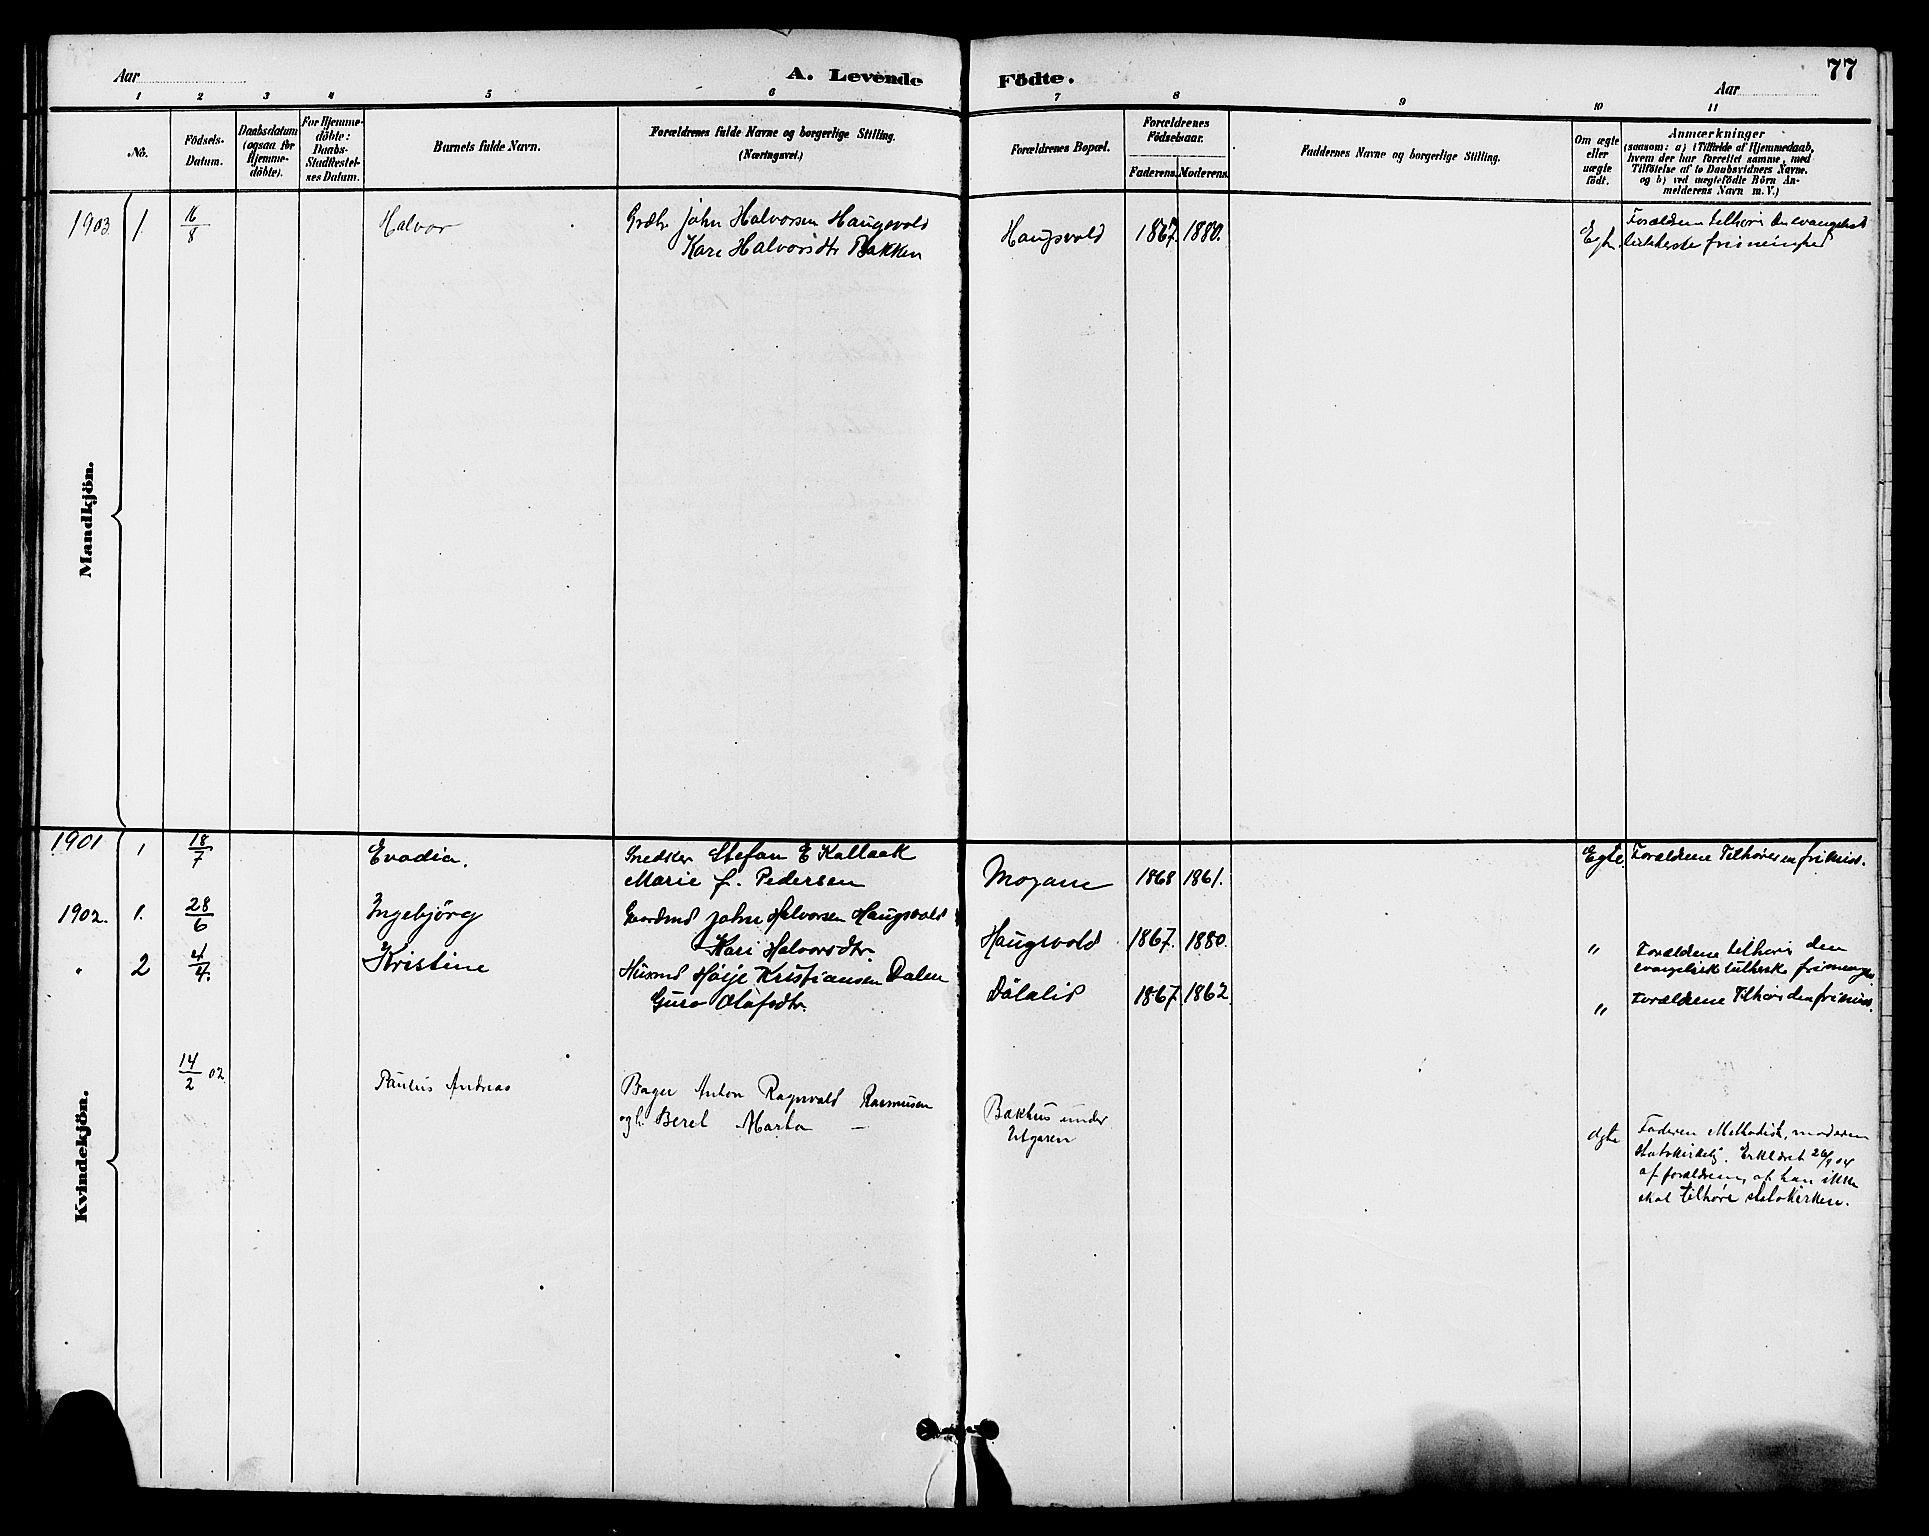 SAKO, Seljord kirkebøker, G/Ga/L0005: Klokkerbok nr. I 5, 1887-1914, s. 77